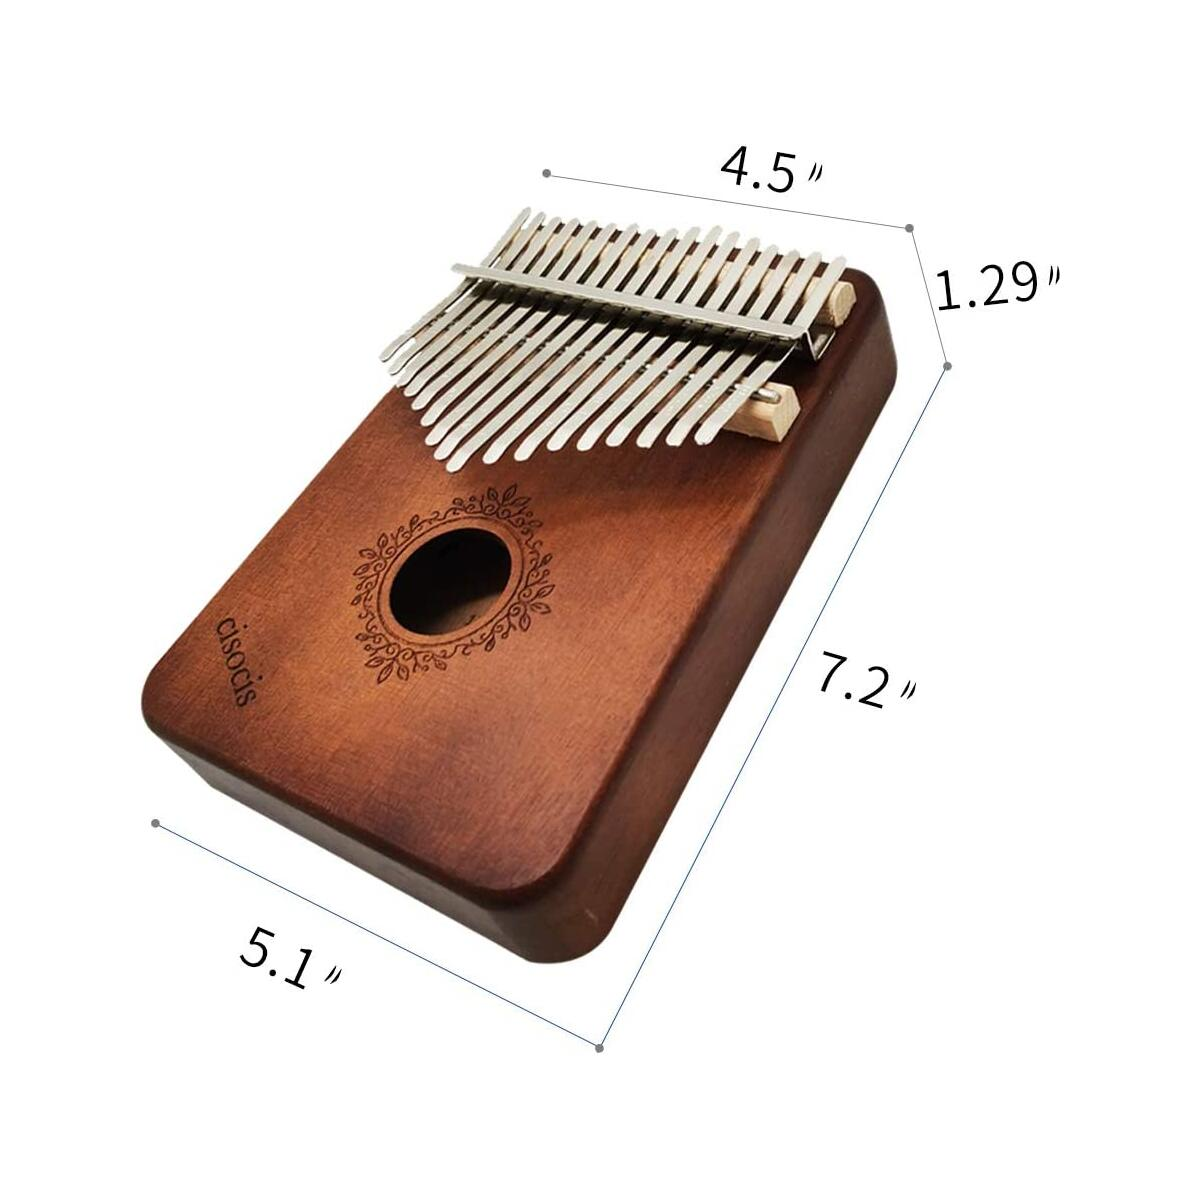 Kalimba Thumb Piano Rebates Rebatekey